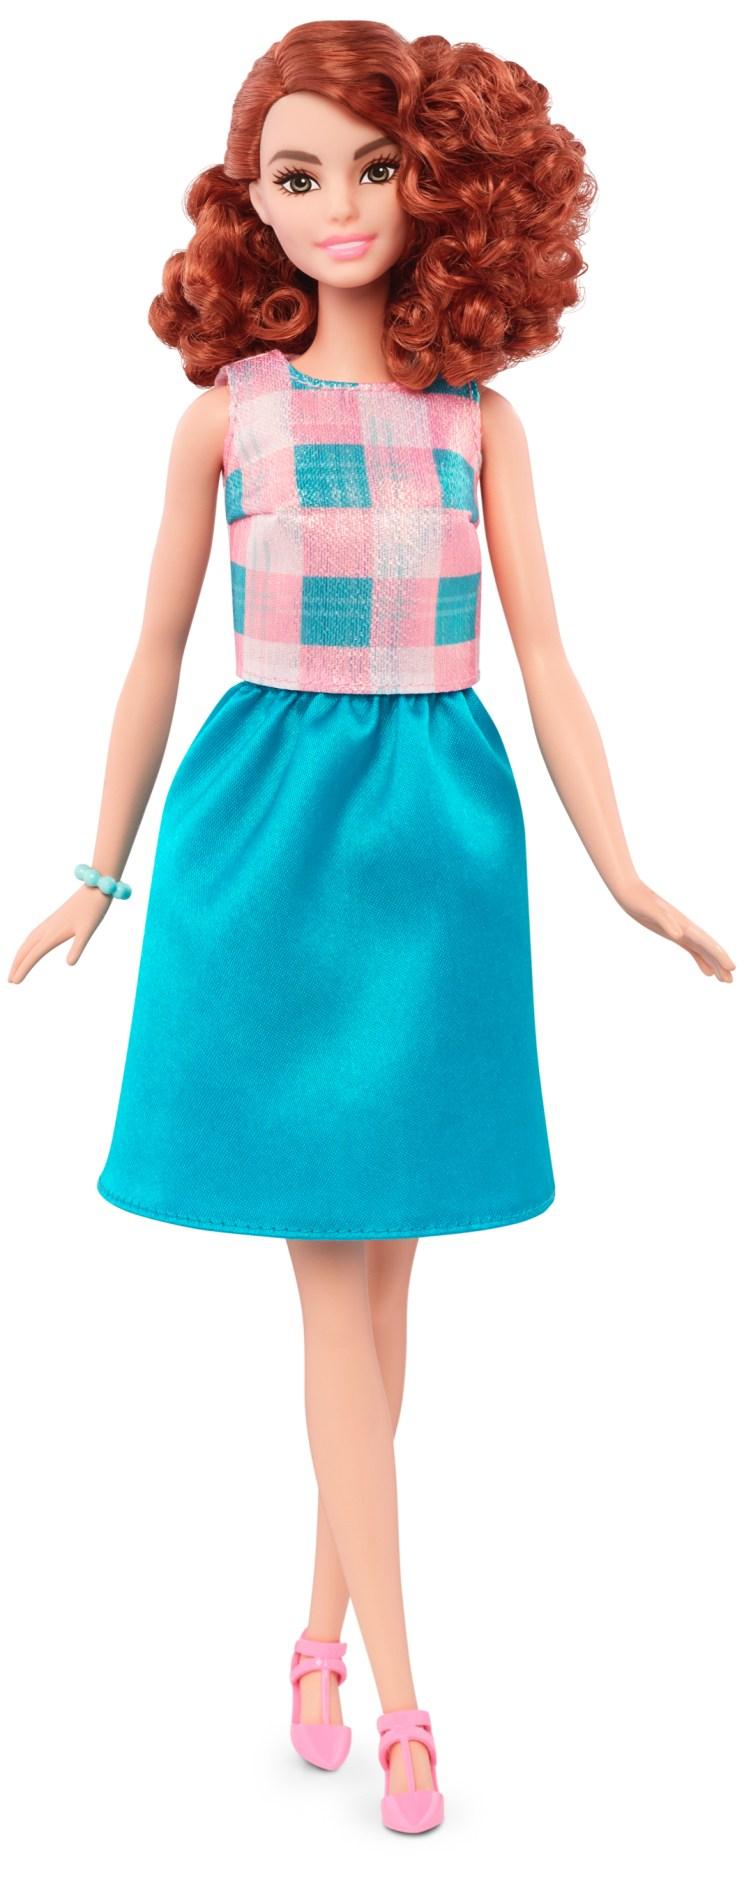 Tall Terrific Teal   Crédito da imagem: divulgação Mattel   www.barbie.com